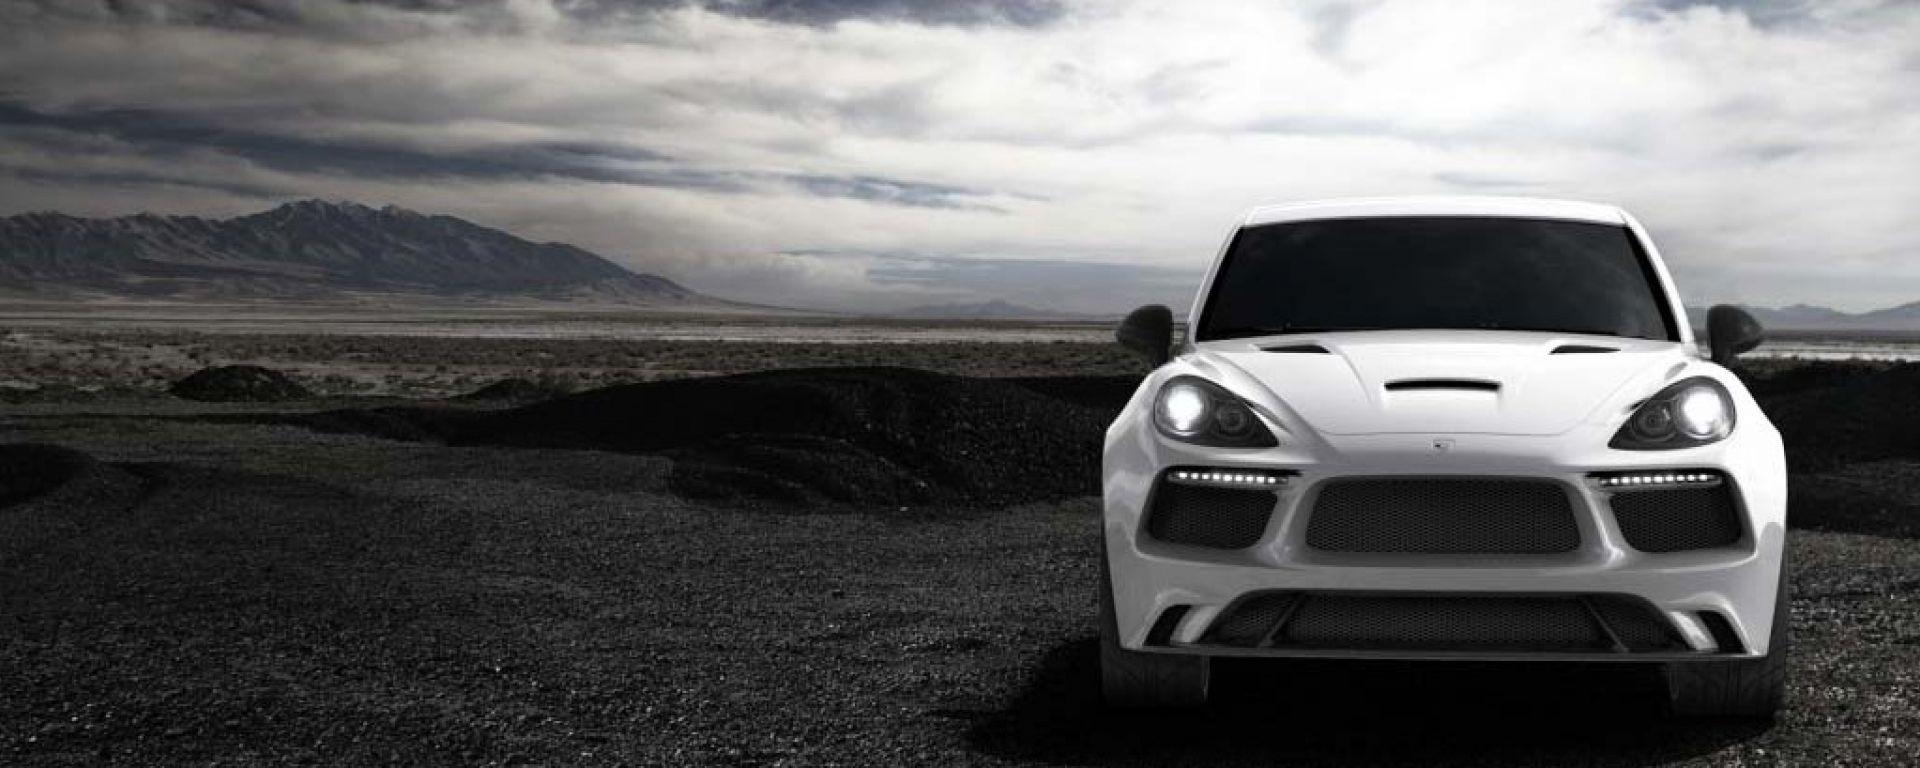 Eterniti Motors Hemera: le nuove immagini